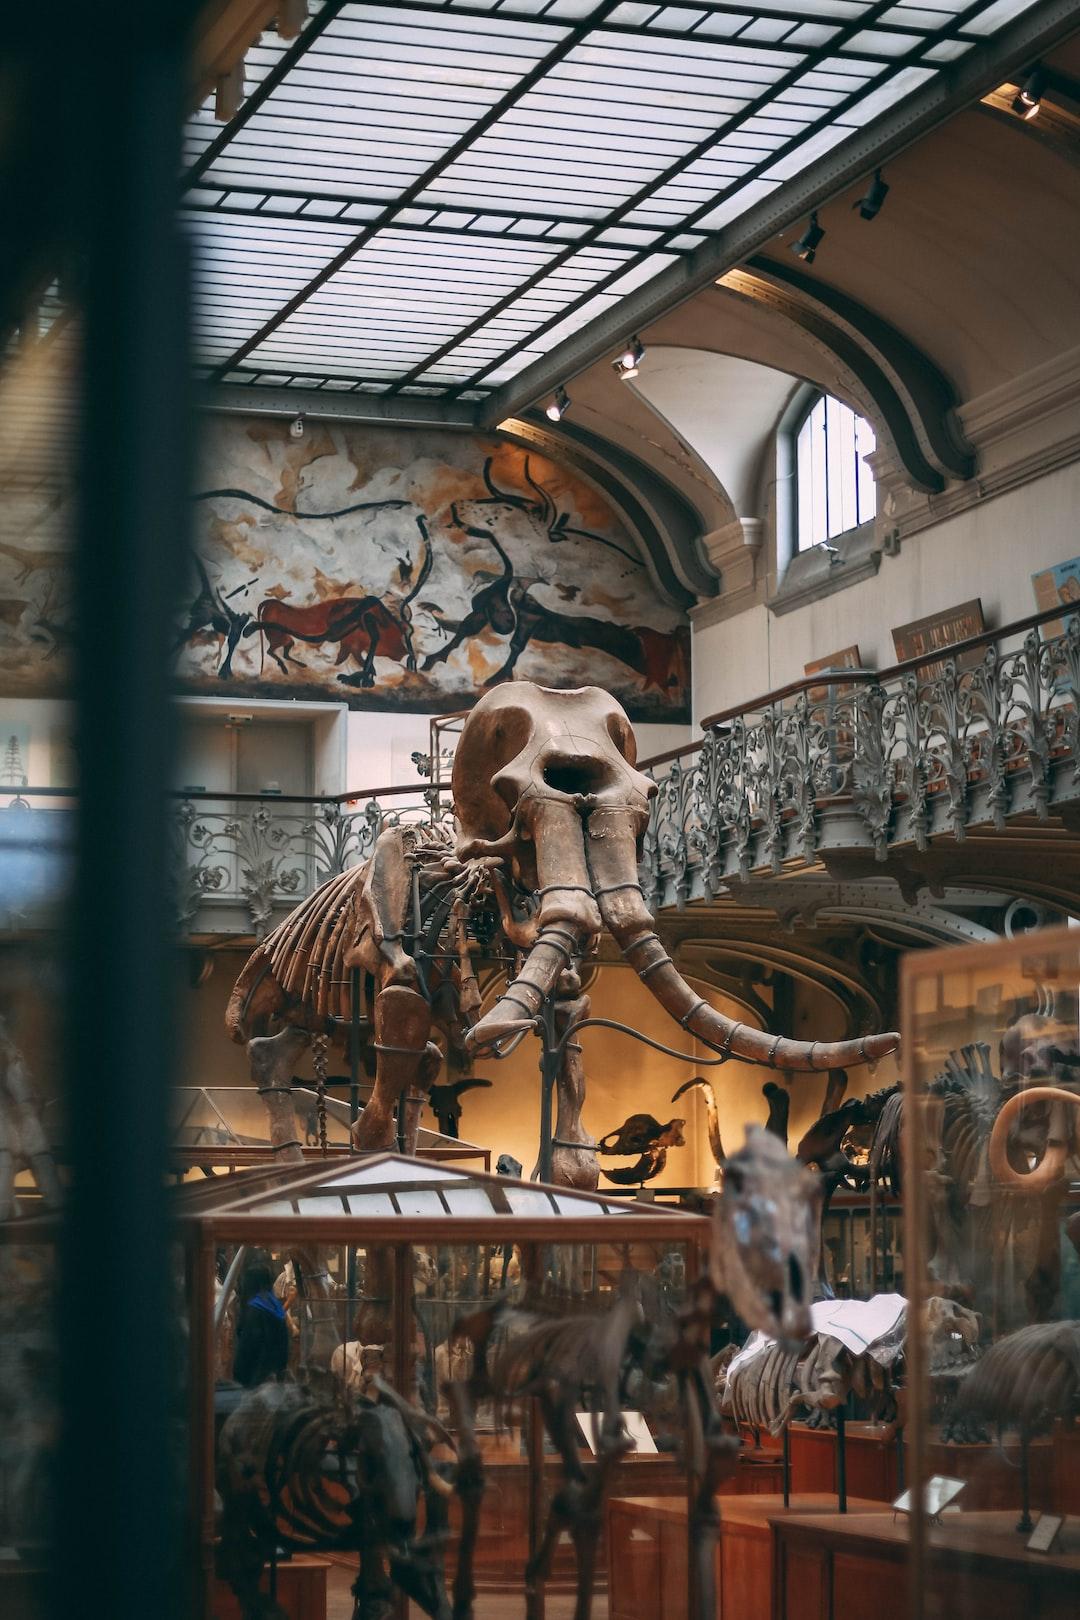 Mammuth in a museum